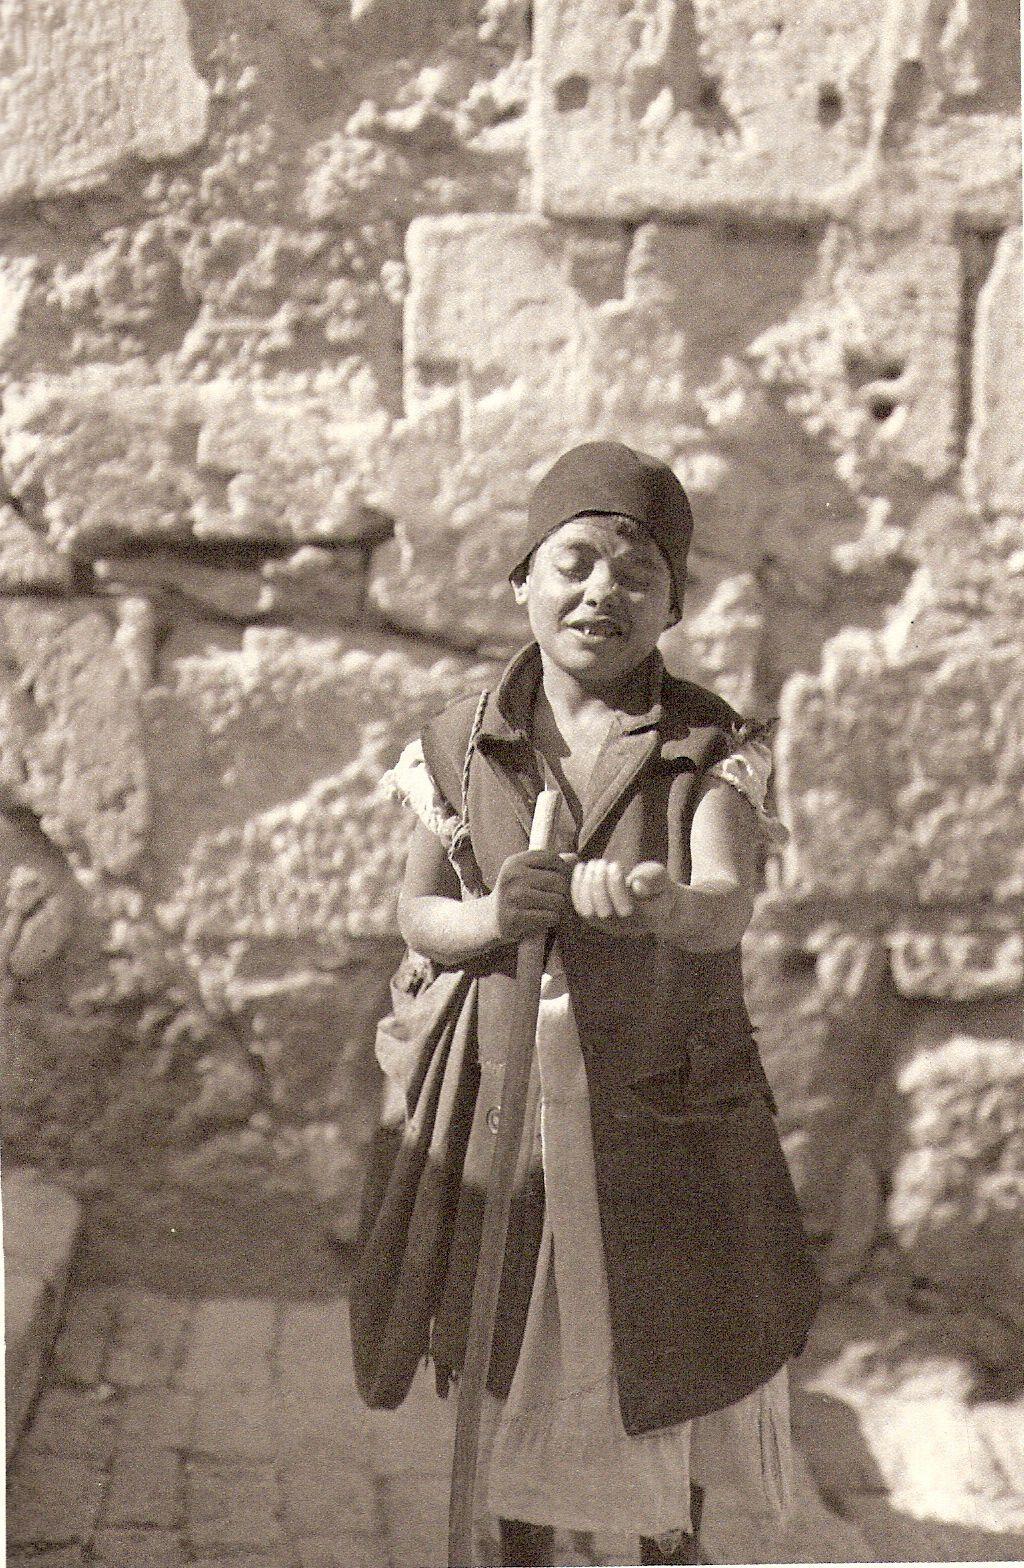 Beggar_boy_Jerusalem_1925.jpg (Изображение JPEG, 1024×1568 пикселов)